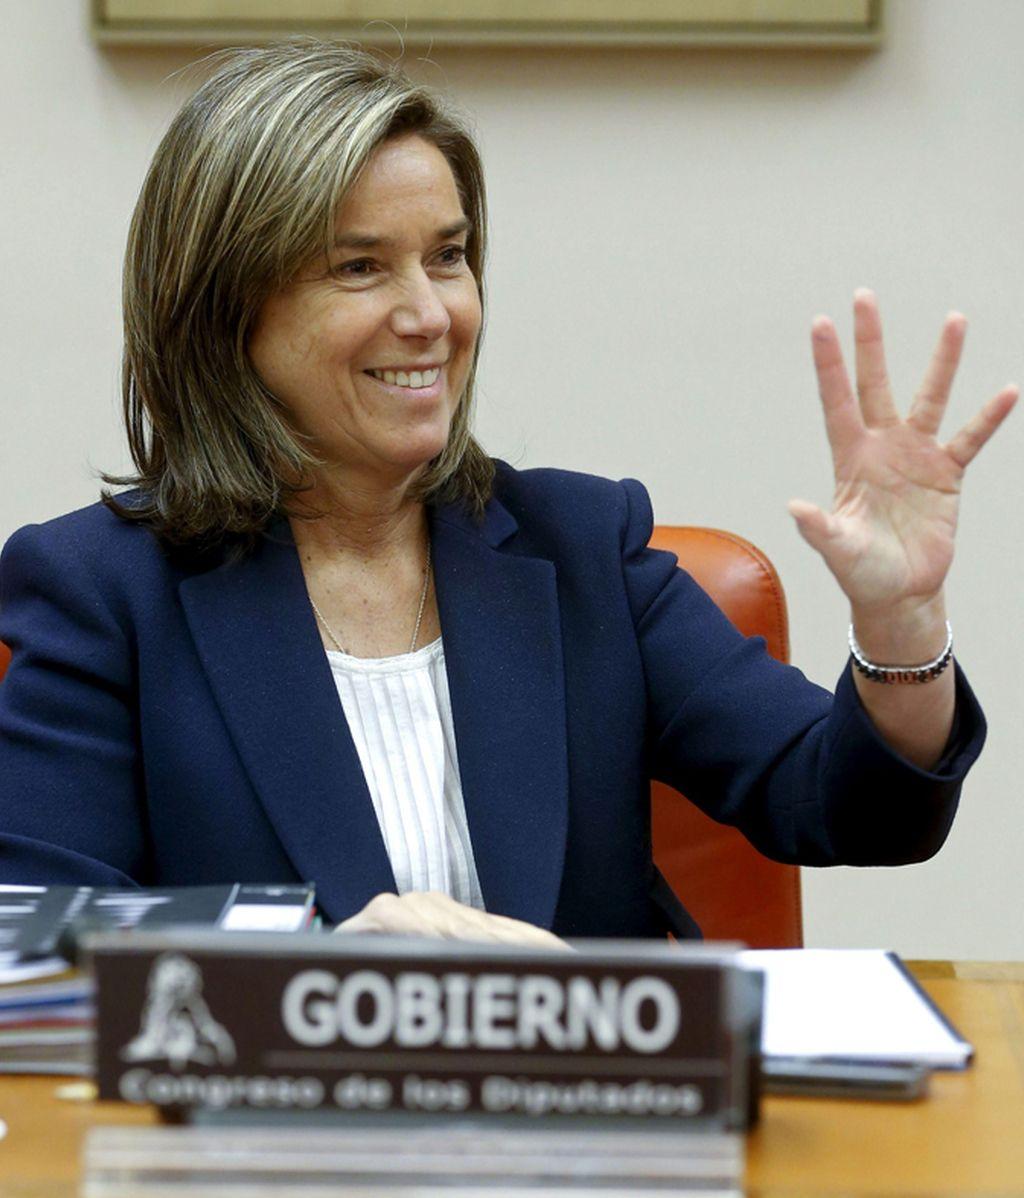 Ana Mato explica en el Congreso el ahorro logrado tras la aplicación del copago sanitario